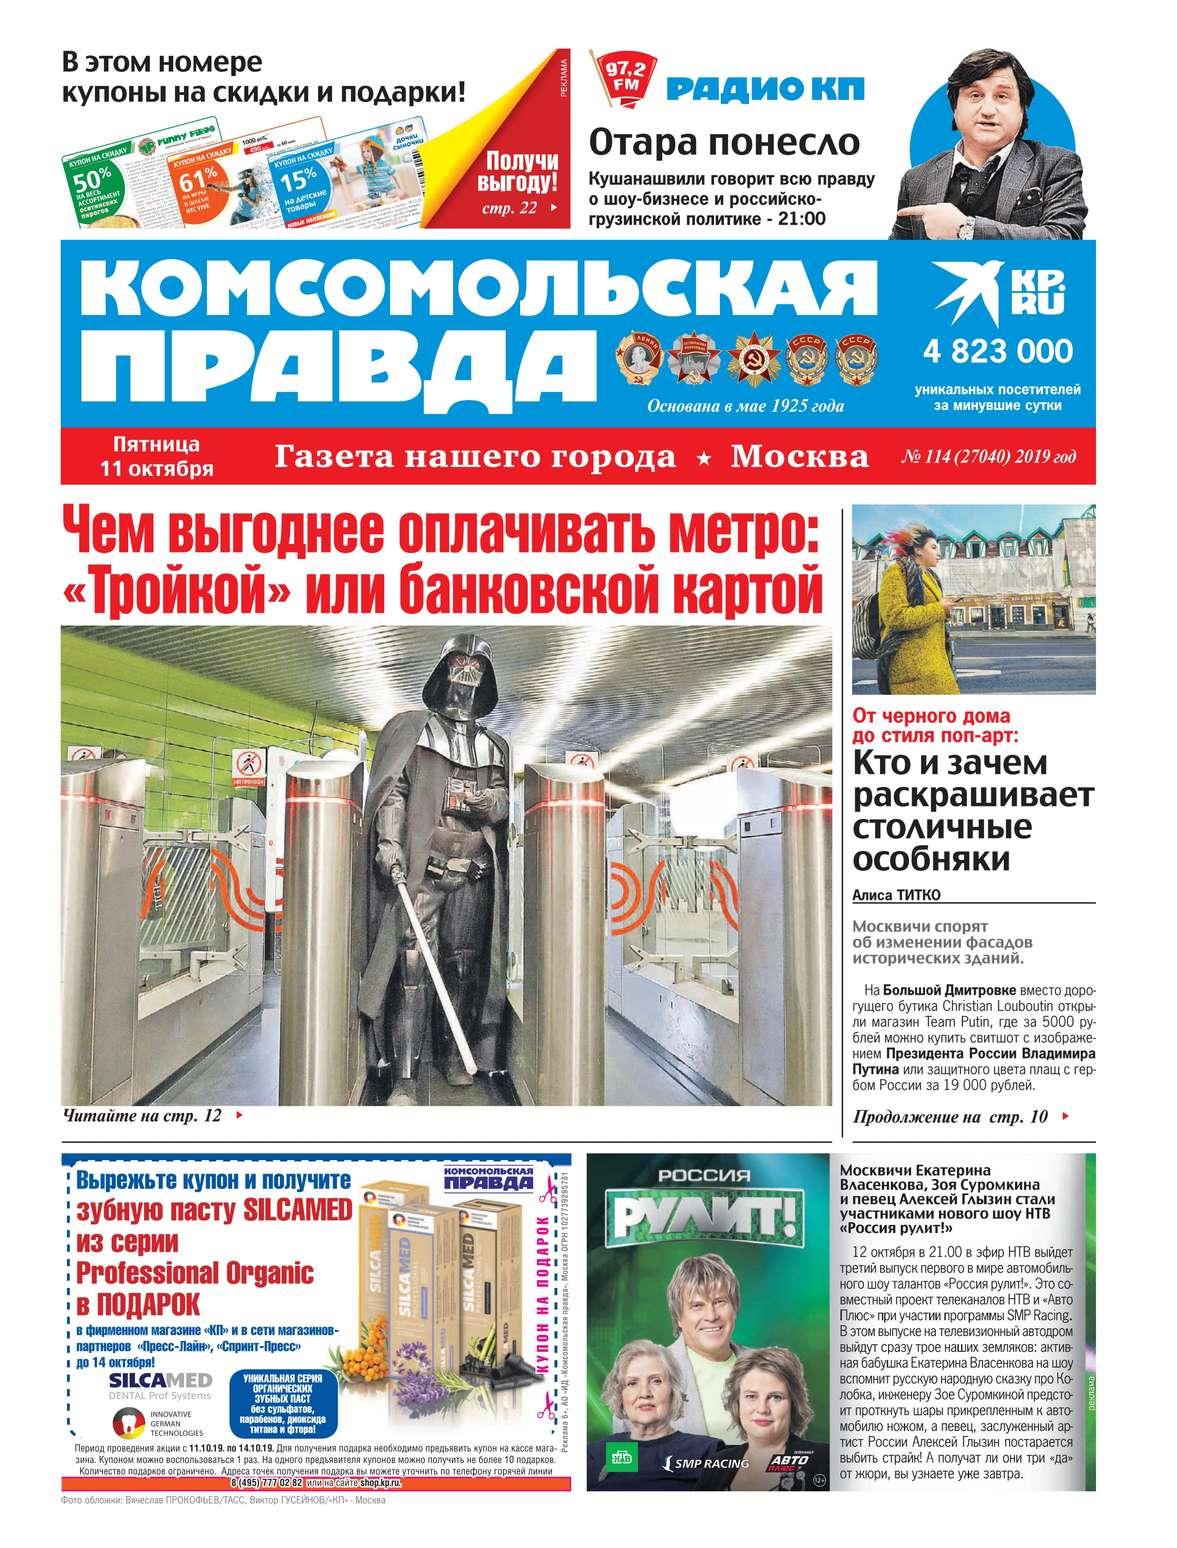 Комсомольская Правда. Москва 114-2019